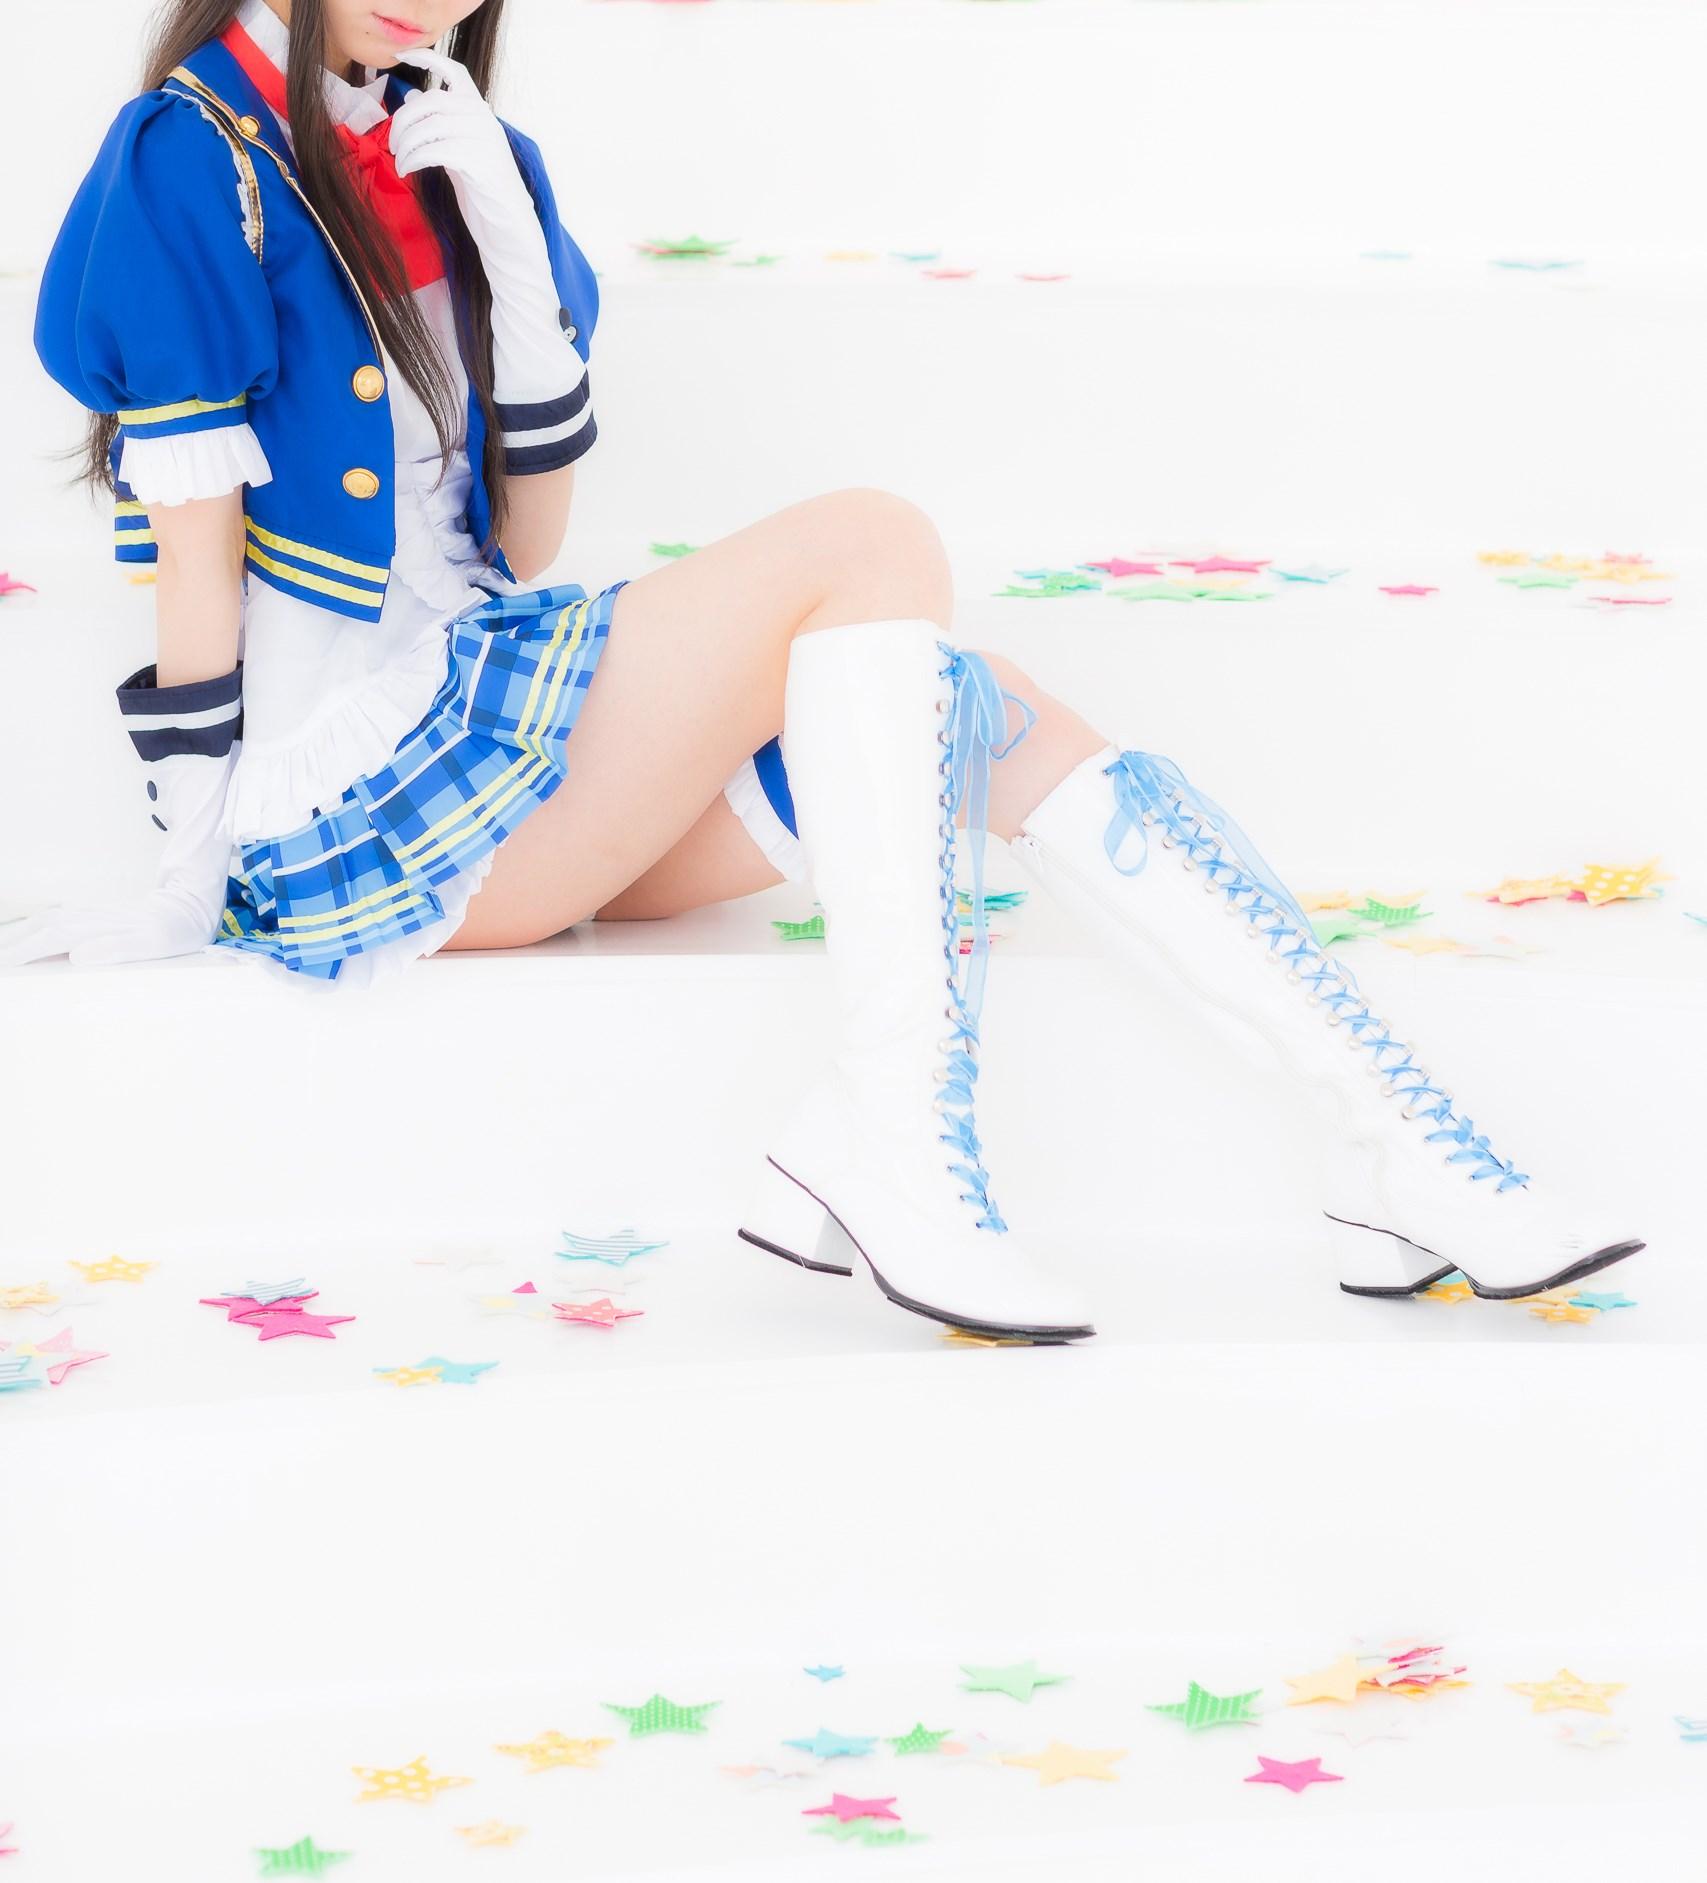 【兔玩映画】少女制服爱豆 兔玩映画 第47张